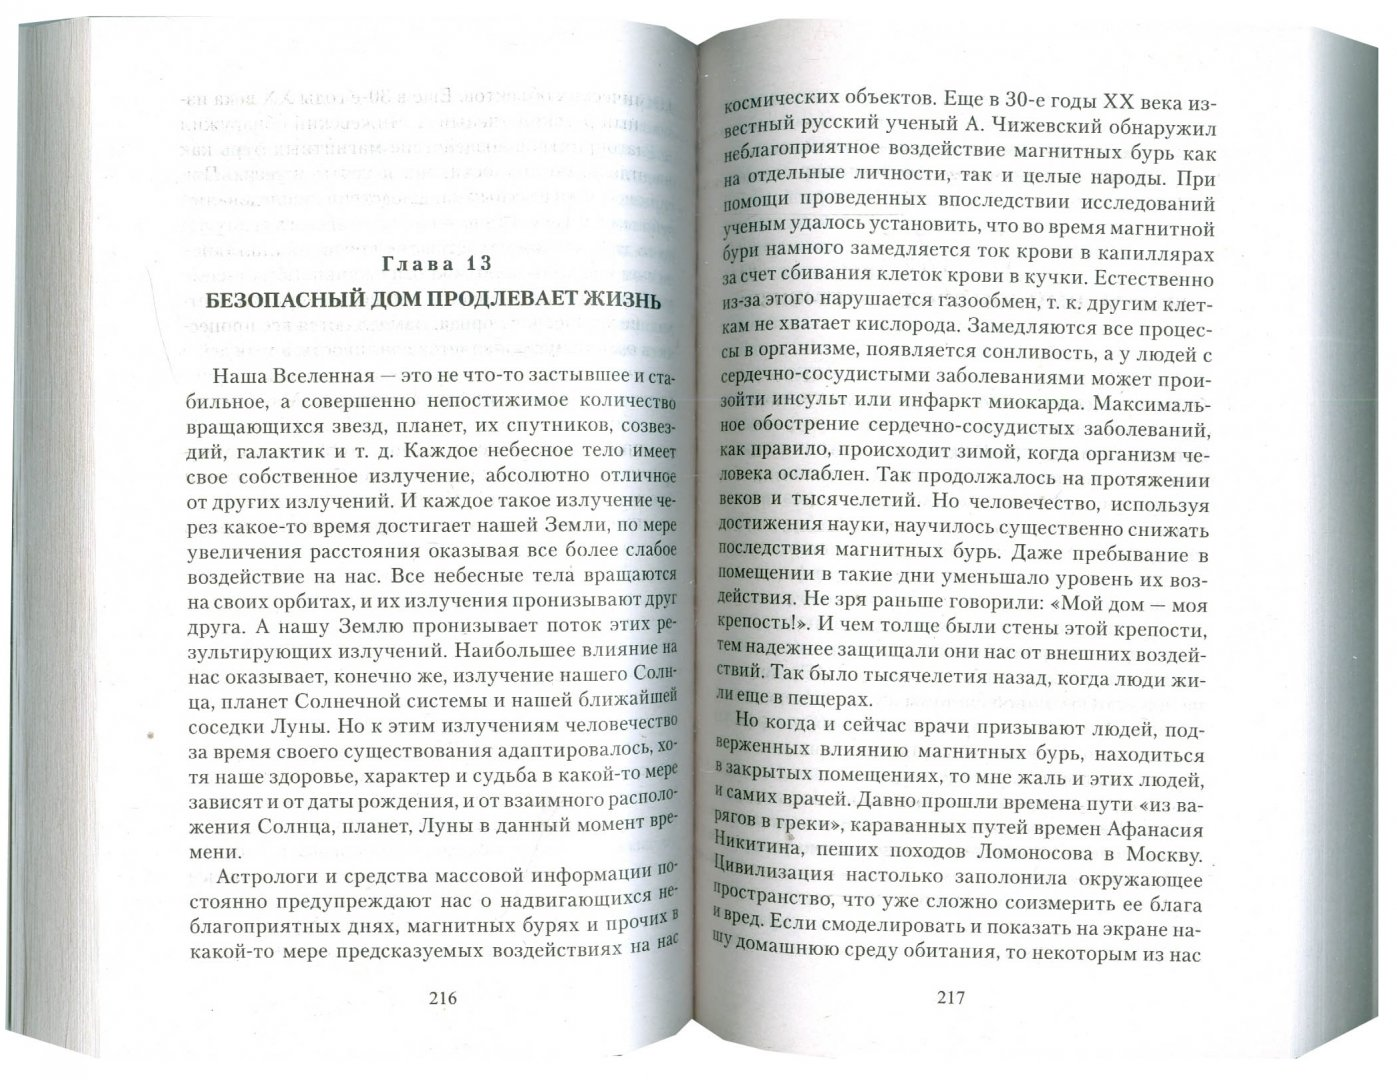 Иллюстрация 1 из 6 для Исцелить себя - просто! - Гуляев, Гуляева   Лабиринт - книги. Источник: Лабиринт